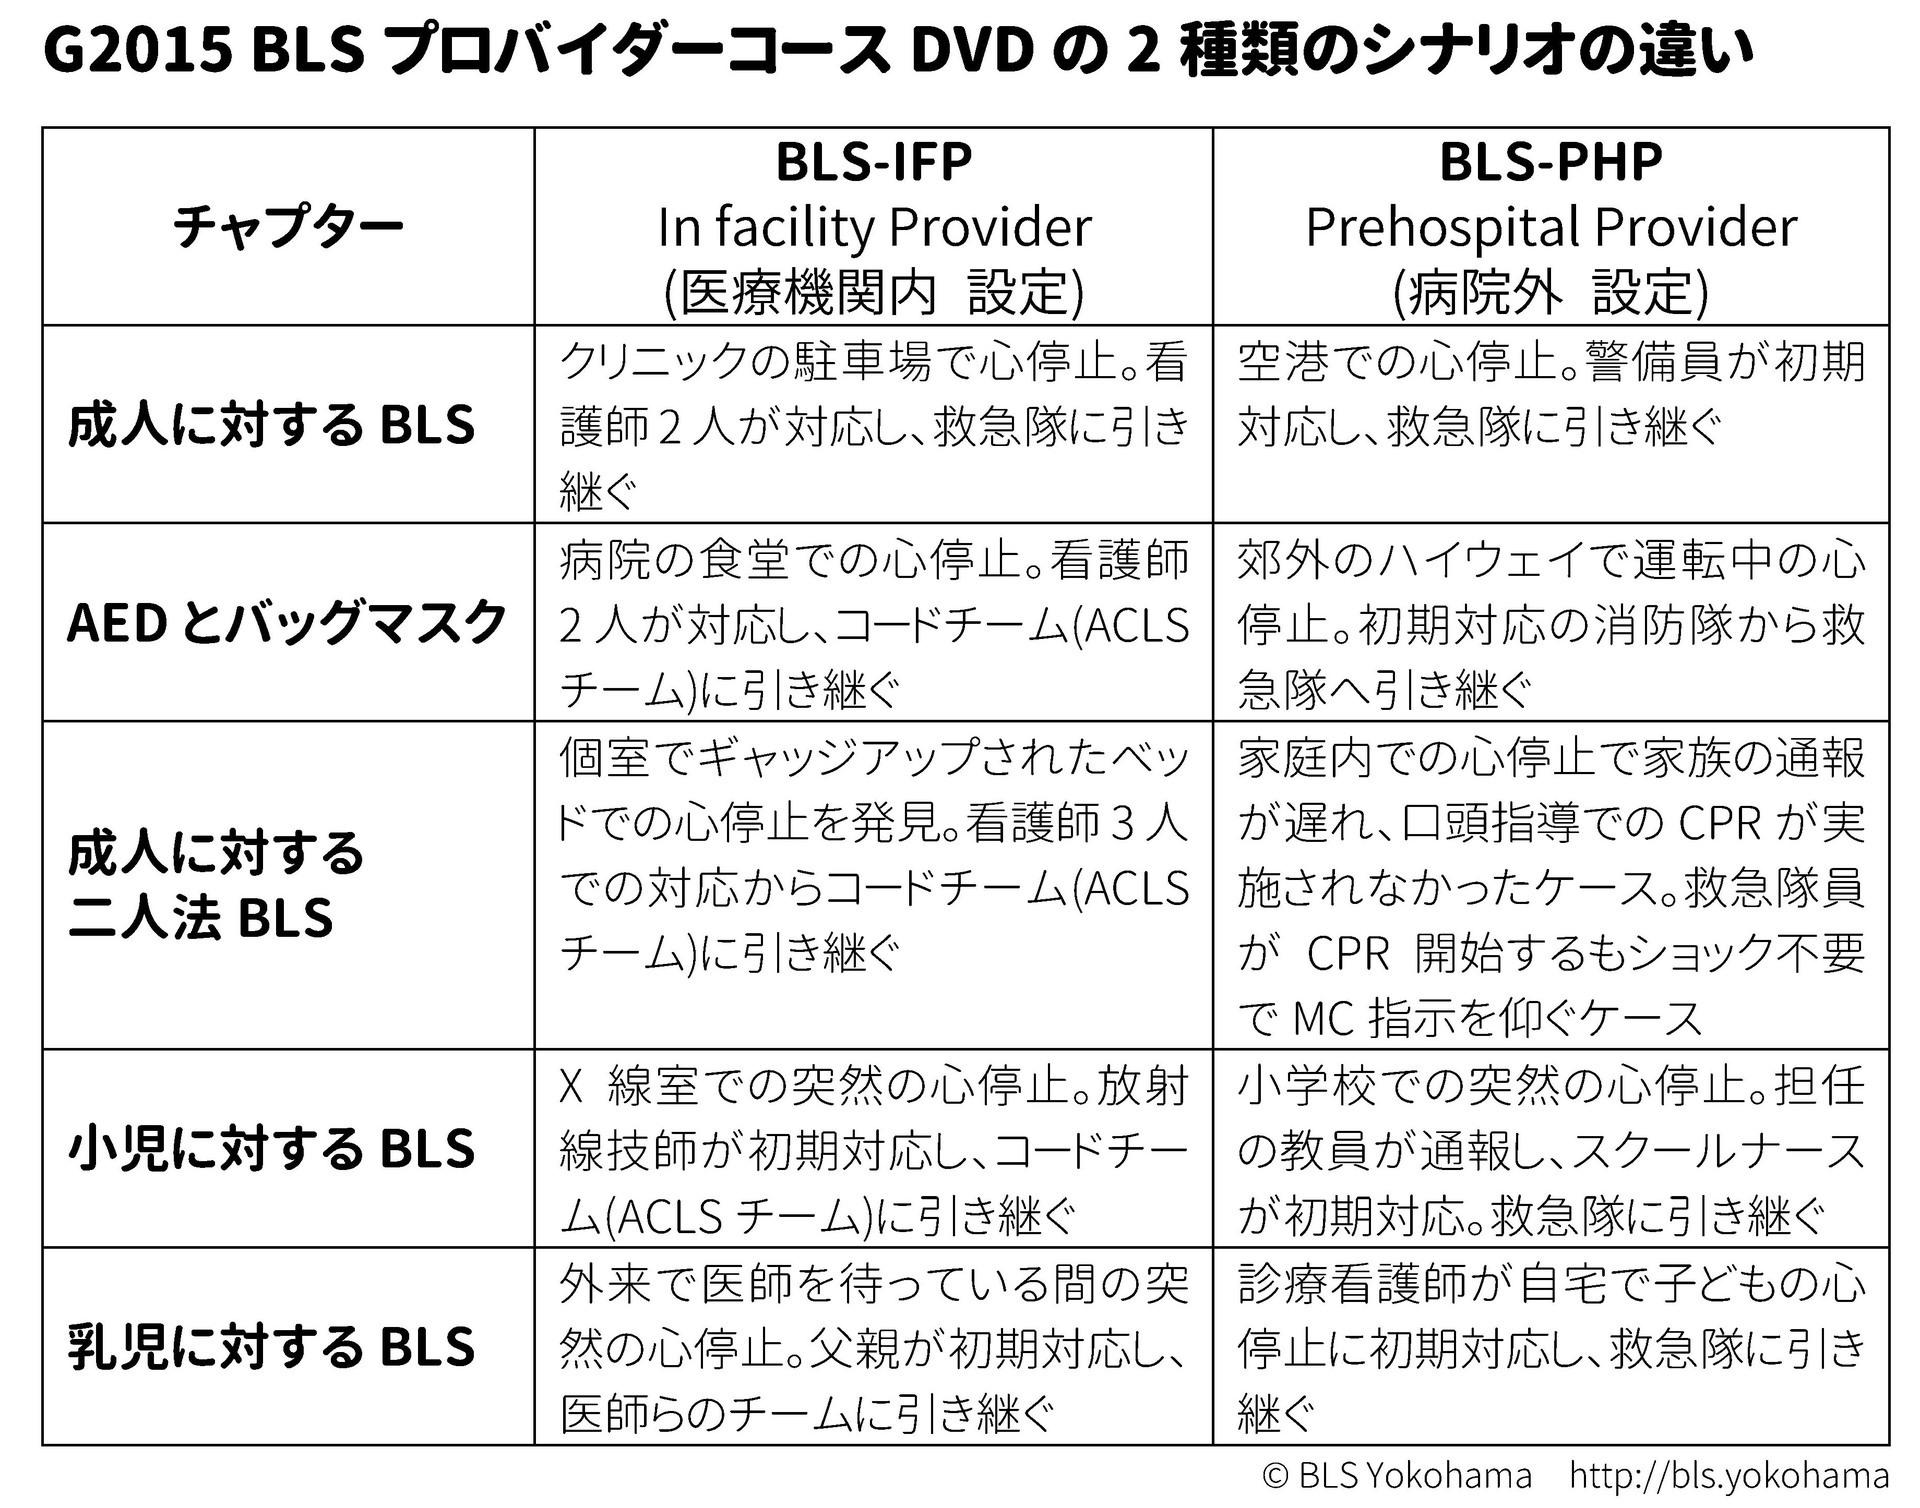 AHAガイドライン2015正式版BLSプロバイダーコースのIFPとPHPシナリオ一覧